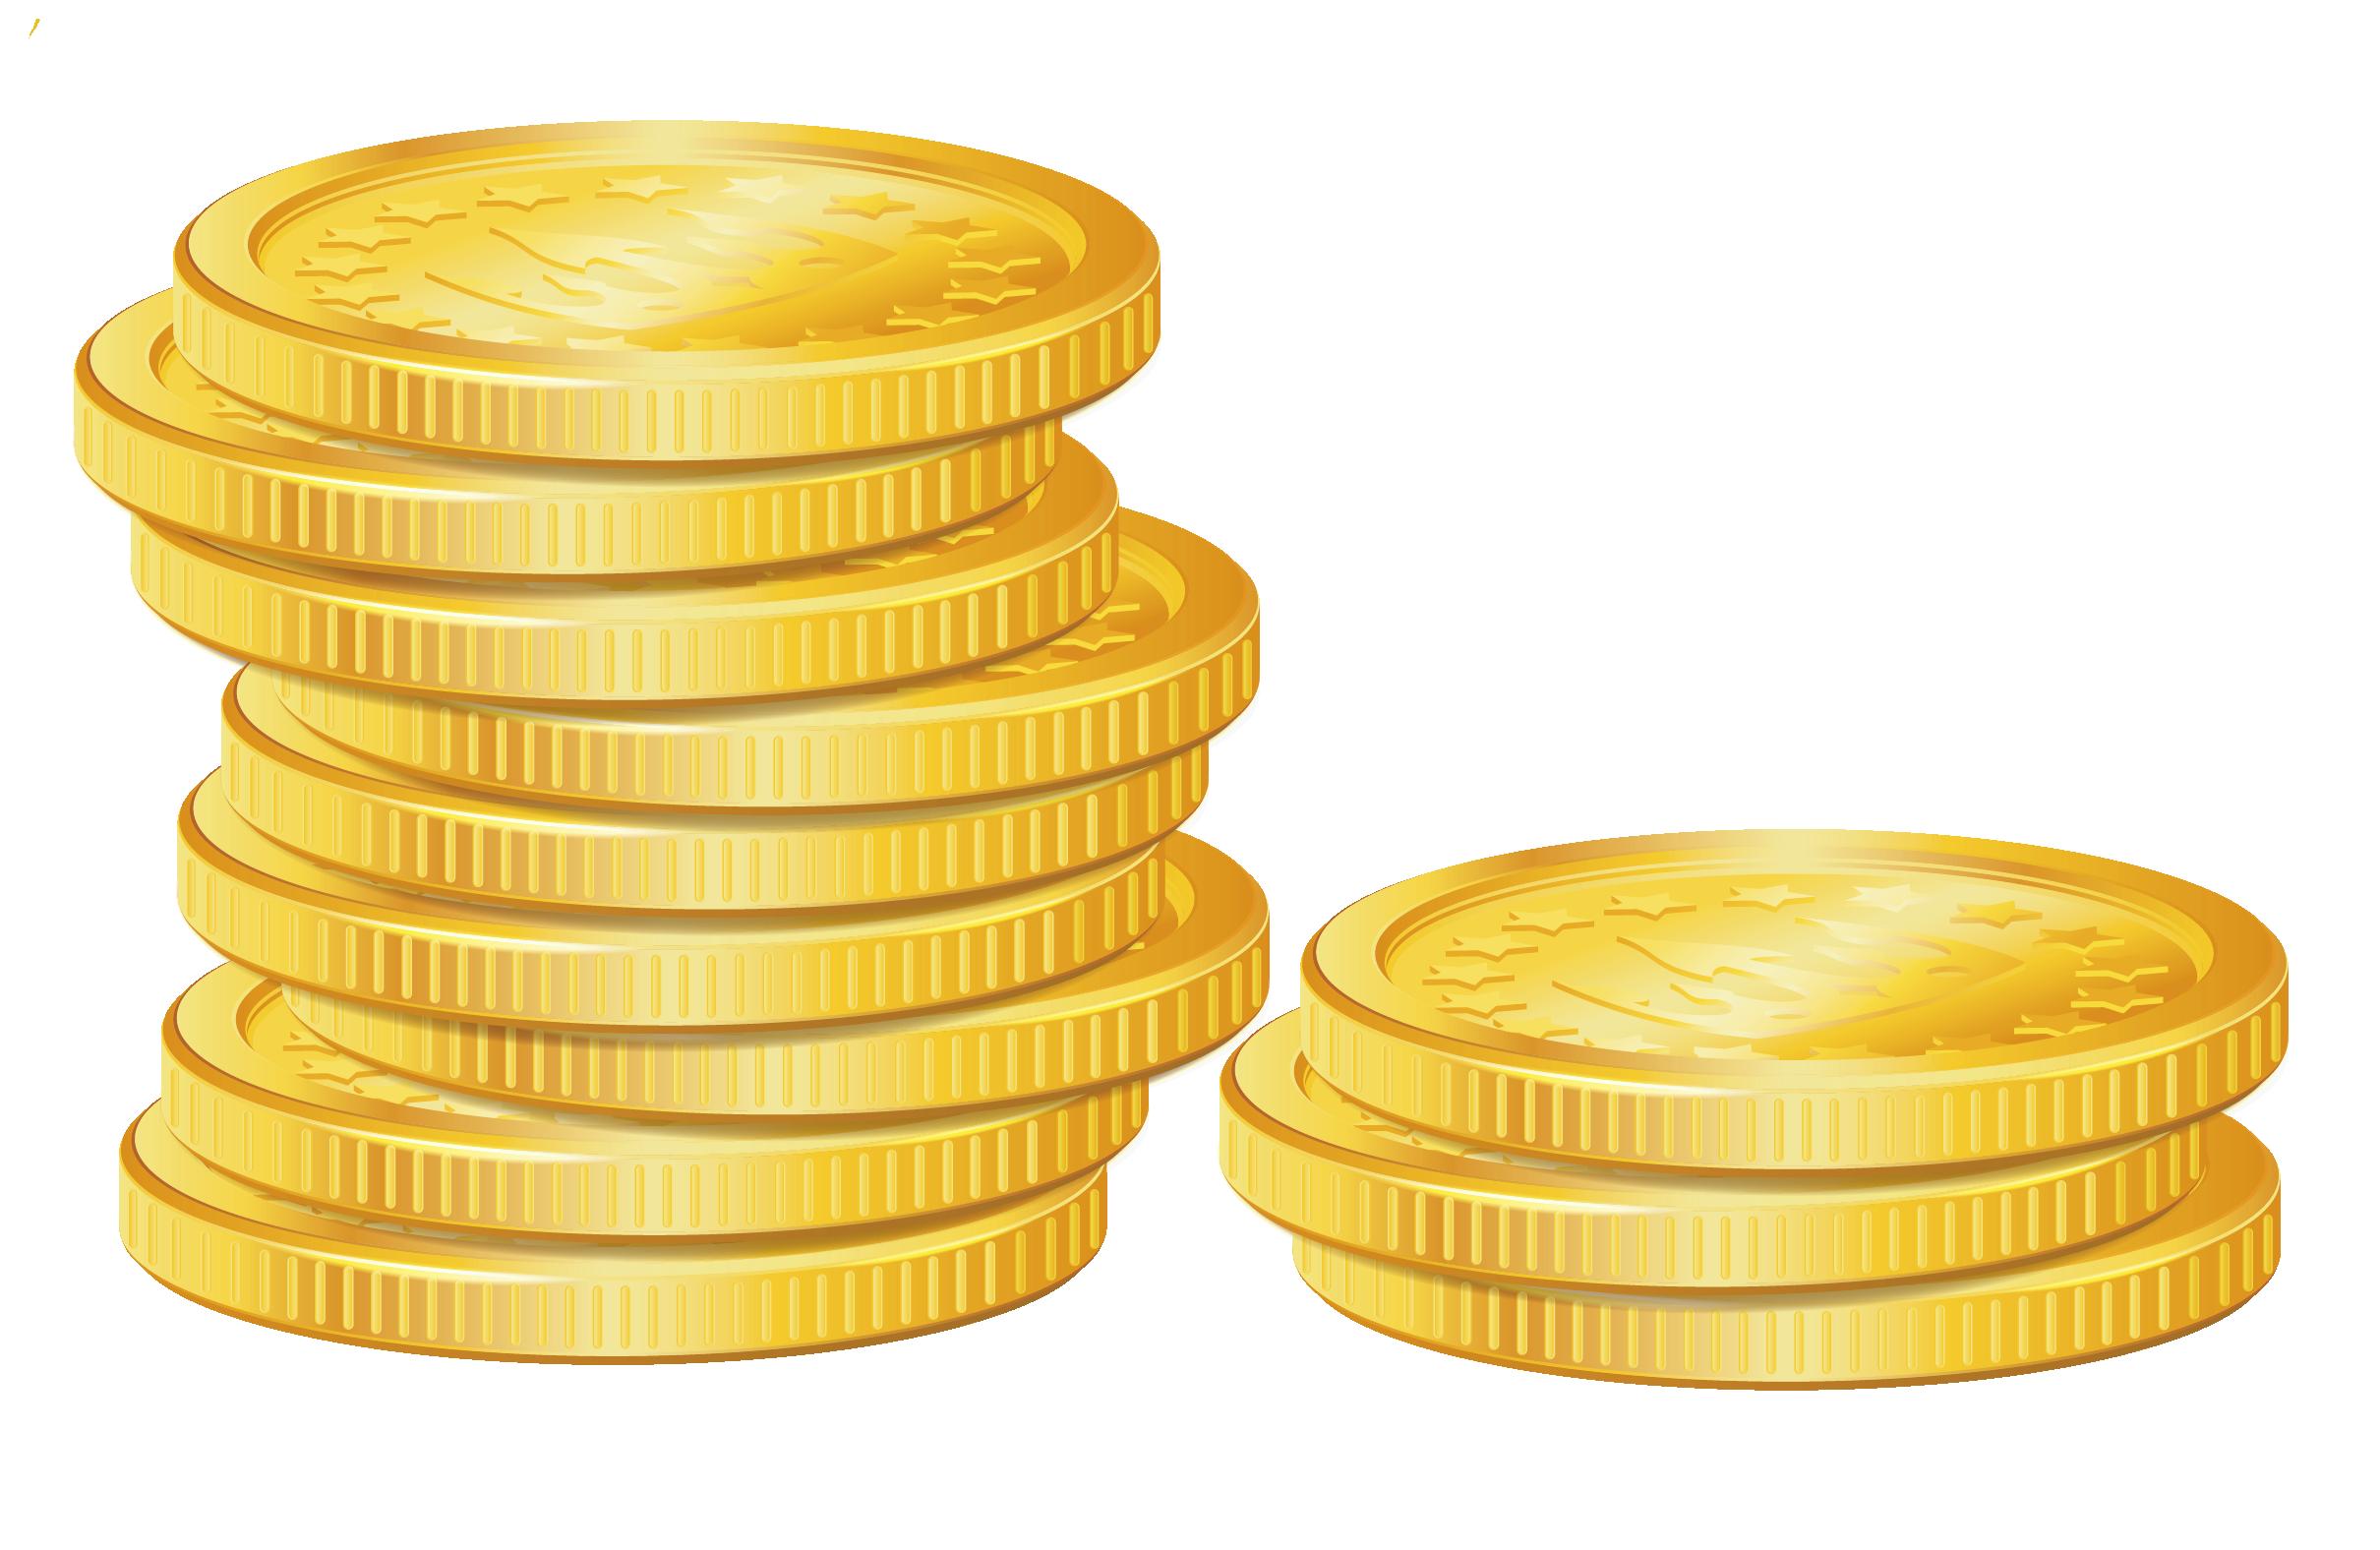 Coins Clipart & Coins Clip Art Images.